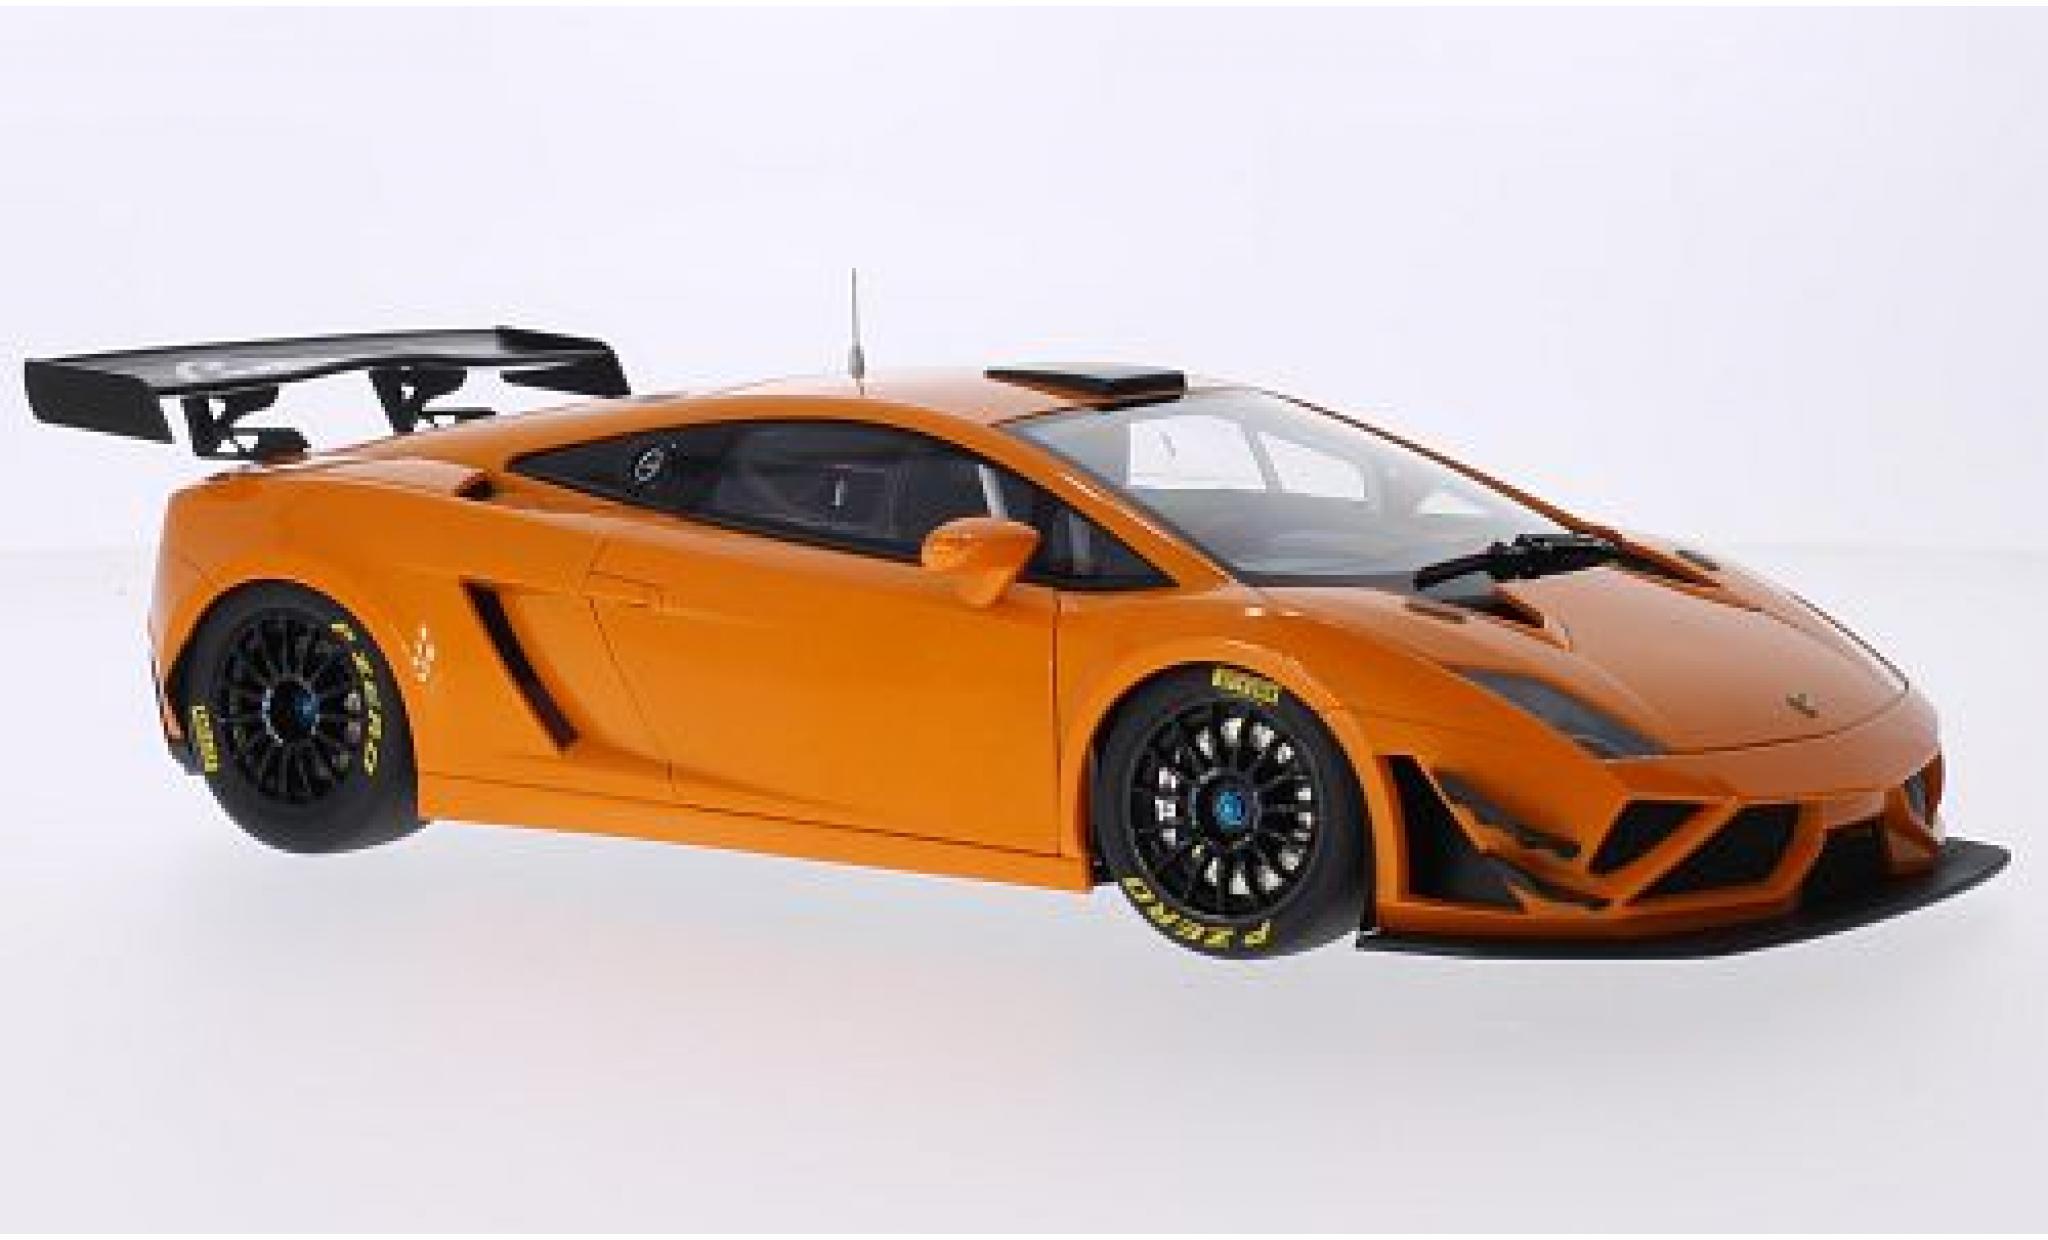 Lamborghini Gallardo 1/18 AUTOart GT3 FL2 metallise orange 2013 Plain Body Version